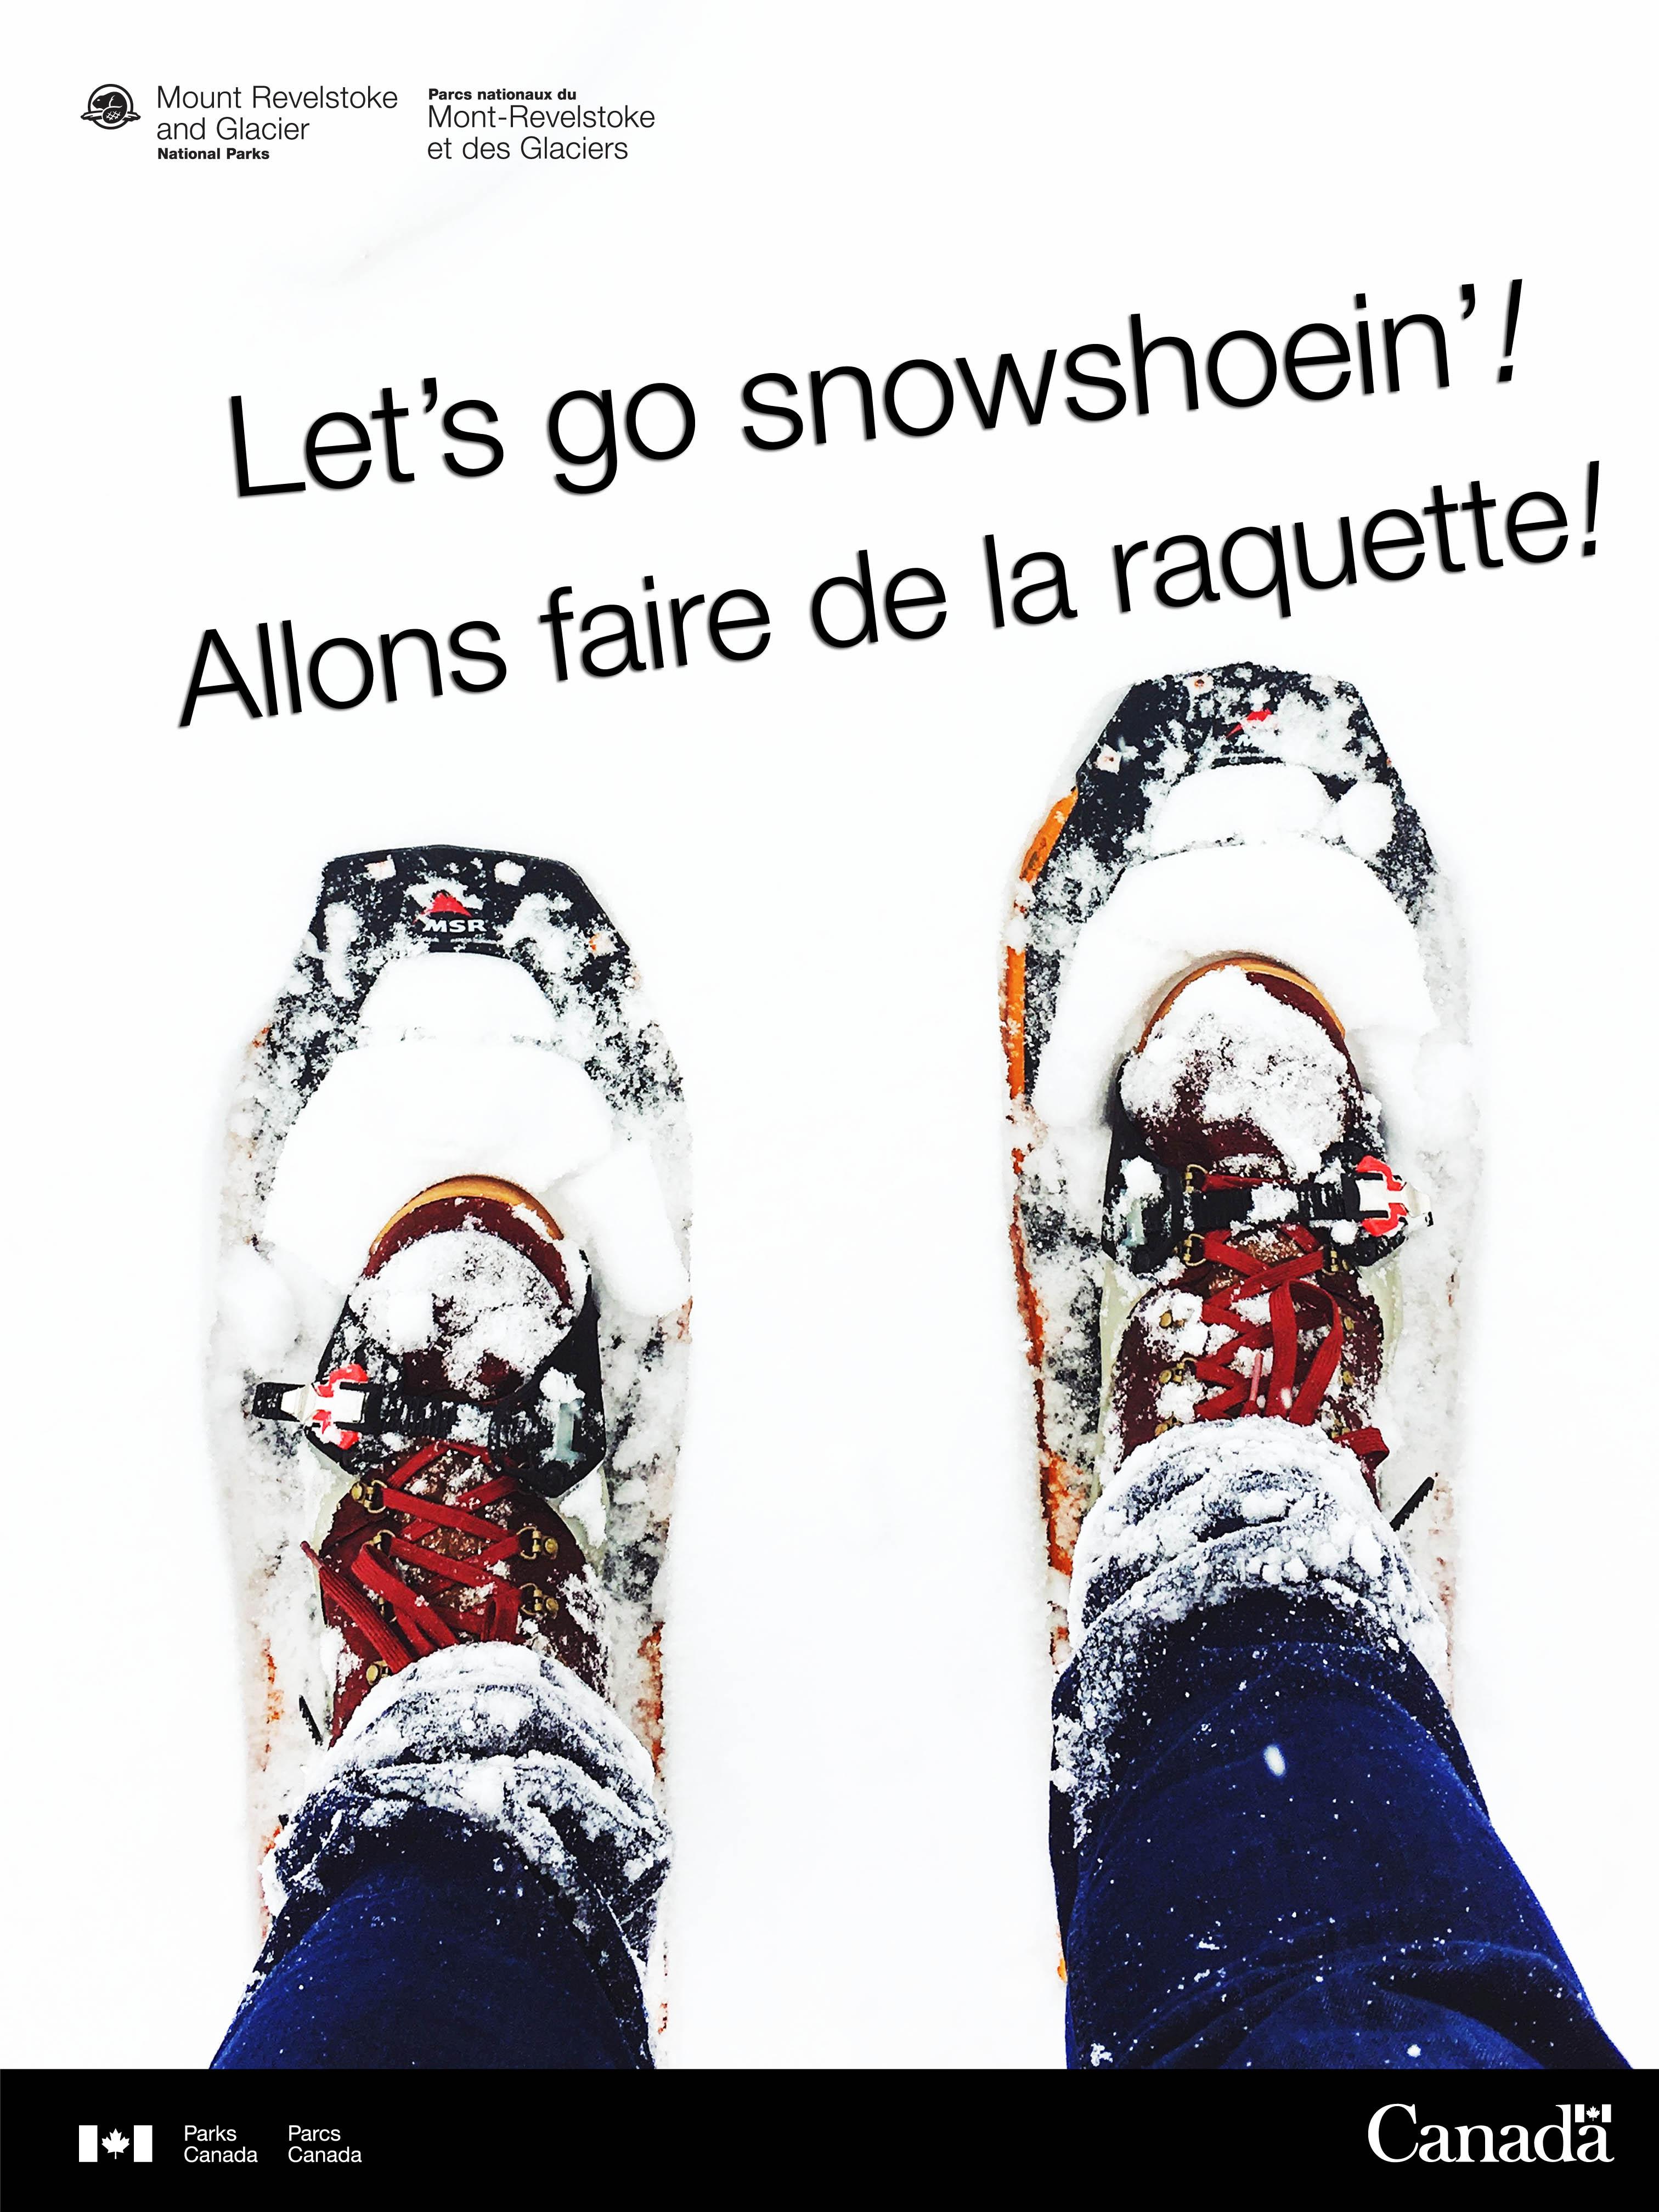 Let's go snowshoein'! Allons faire de la raquette! @ Nels Nelsen Chalet |  |  |